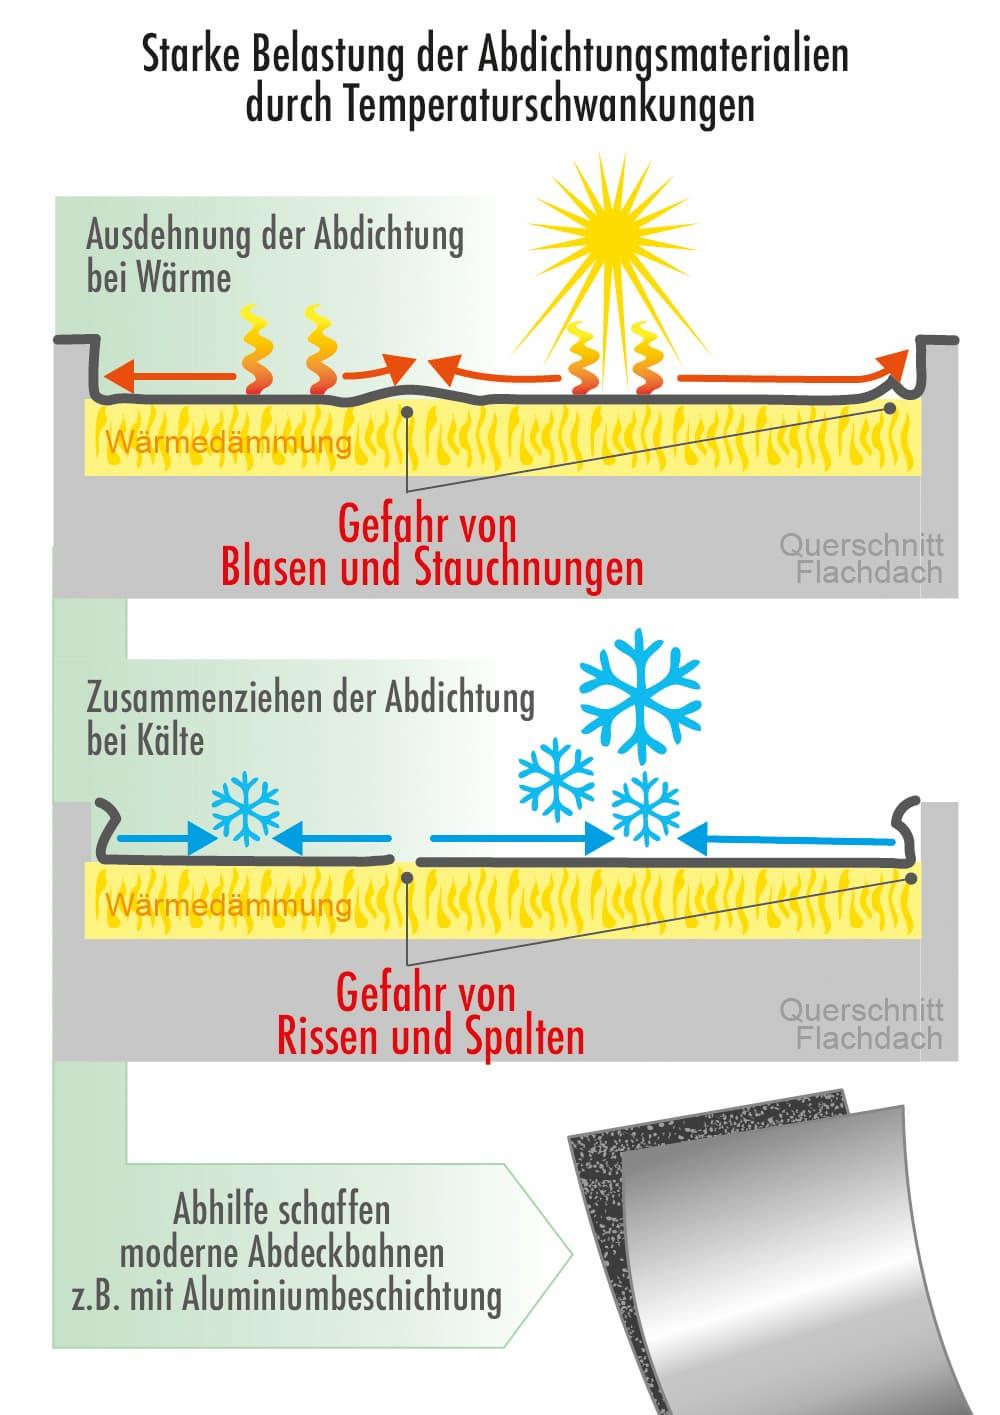 Abdichtungsmaterial beim Flachdach: Starke Belastung durch Temperaturschwankungen